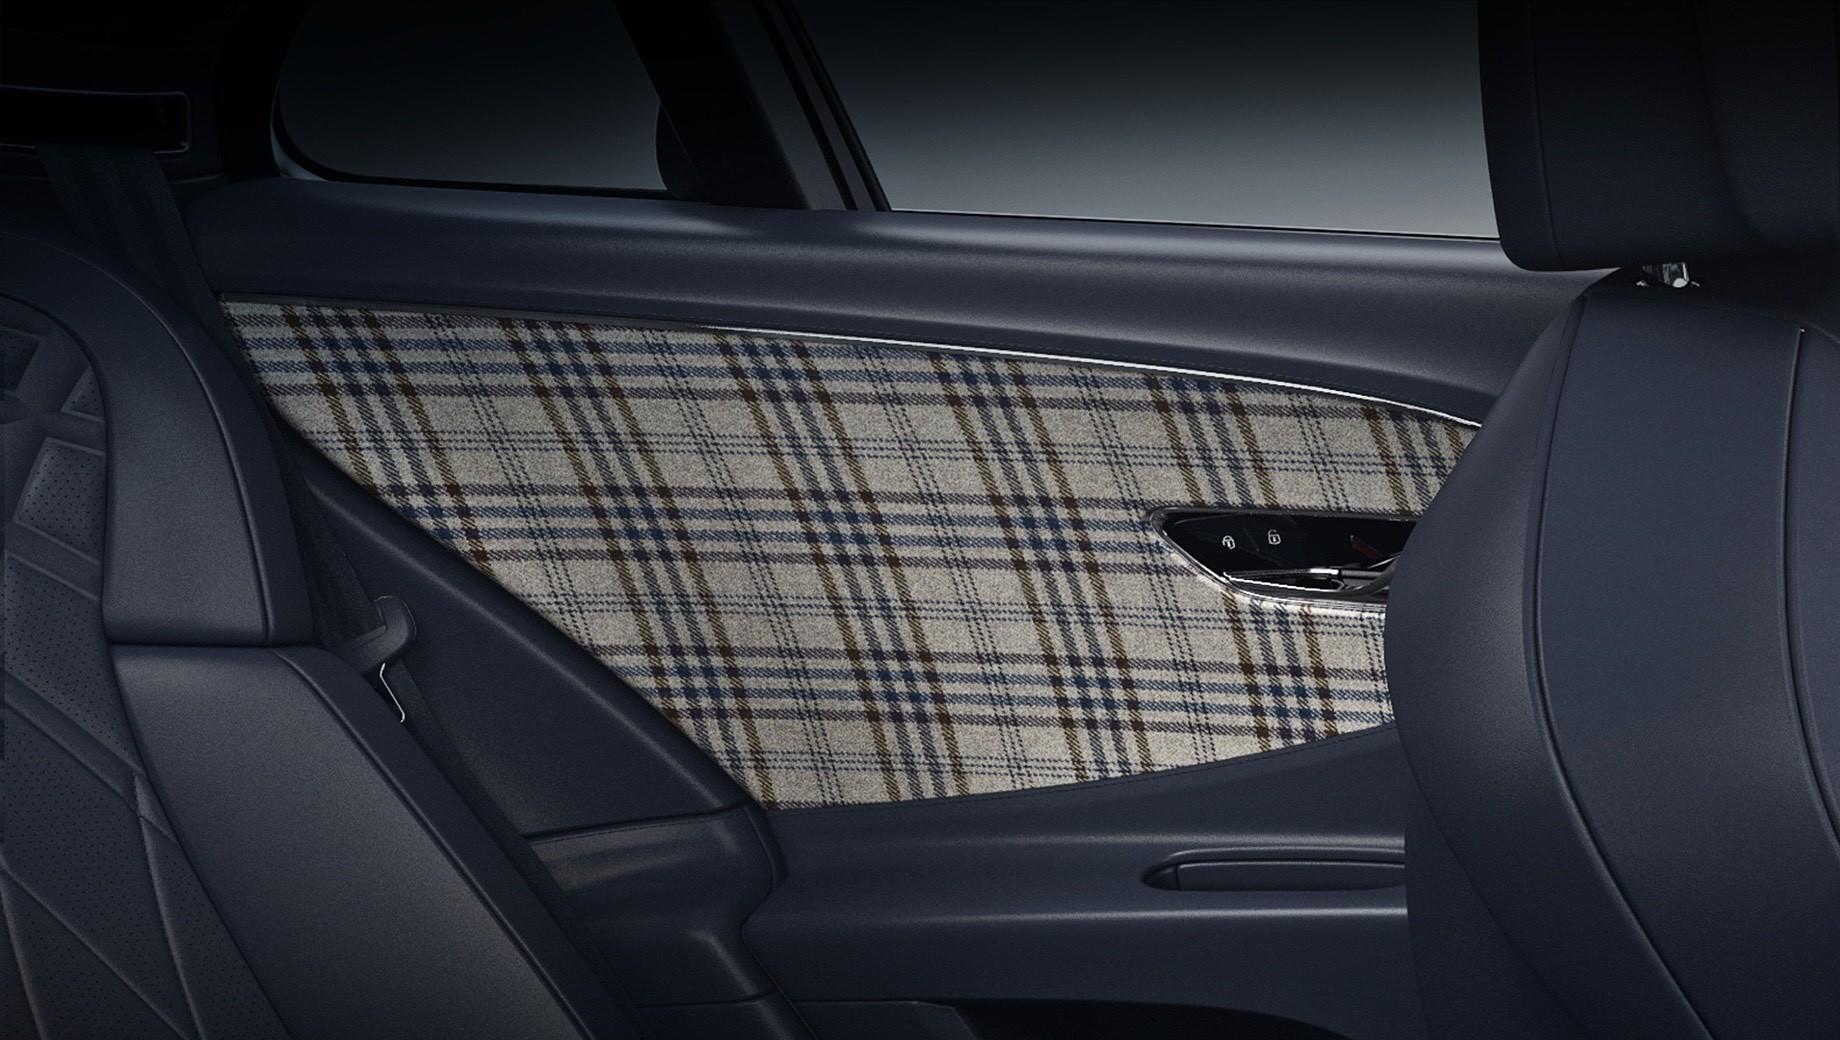 Автомобили Bentley получили твидовую отделку салона